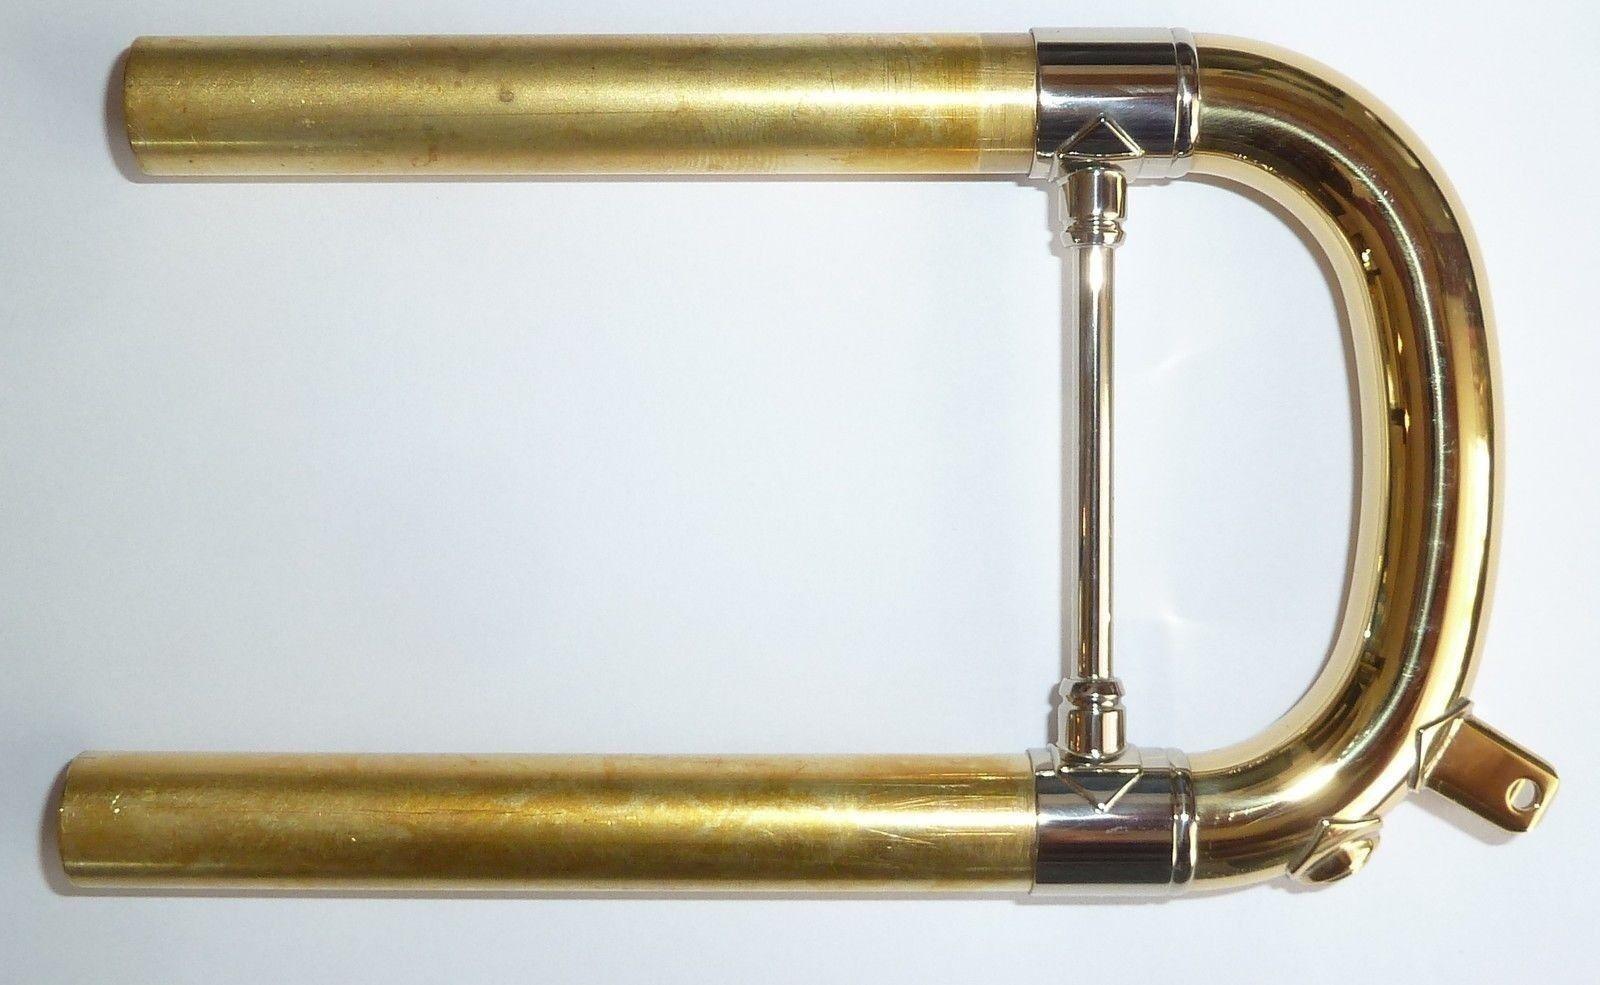 Stimmzug Tuning Slide org. YAMAHA Ersatzteil Trompete Trumpet Modell: YTR 8335 H